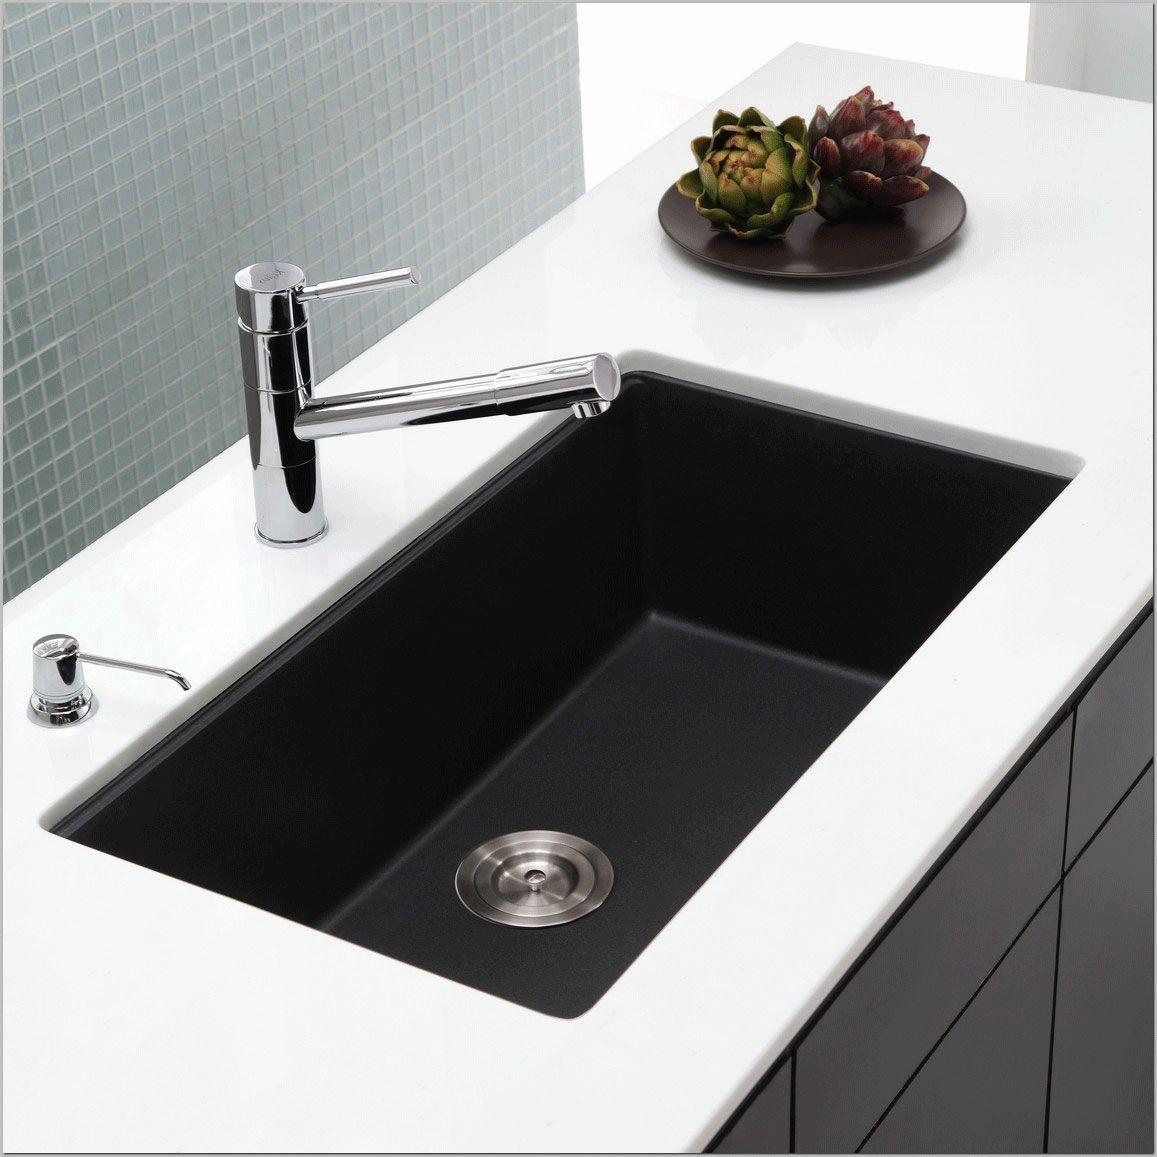 Black Undermount Kitchen Sink Simple Master Bedroom Ideas Farmhouse Bathroom Vanitie Black Undermount Kitchen Sink Undermount Kitchen Sinks Galley Kitchen Sink